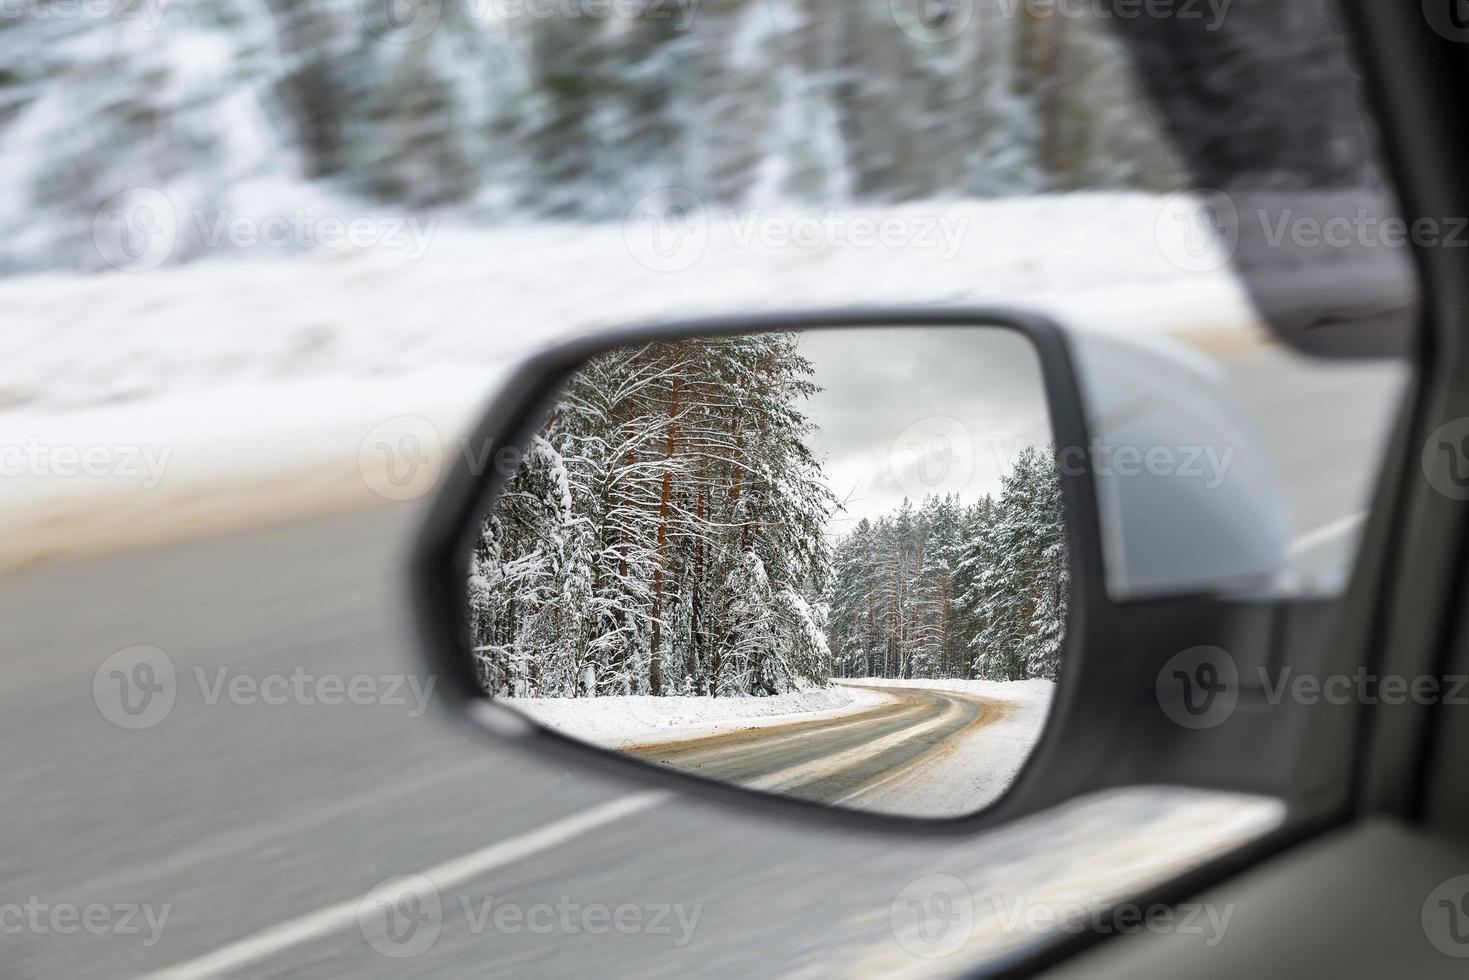 espelho retrovisor lateral foto